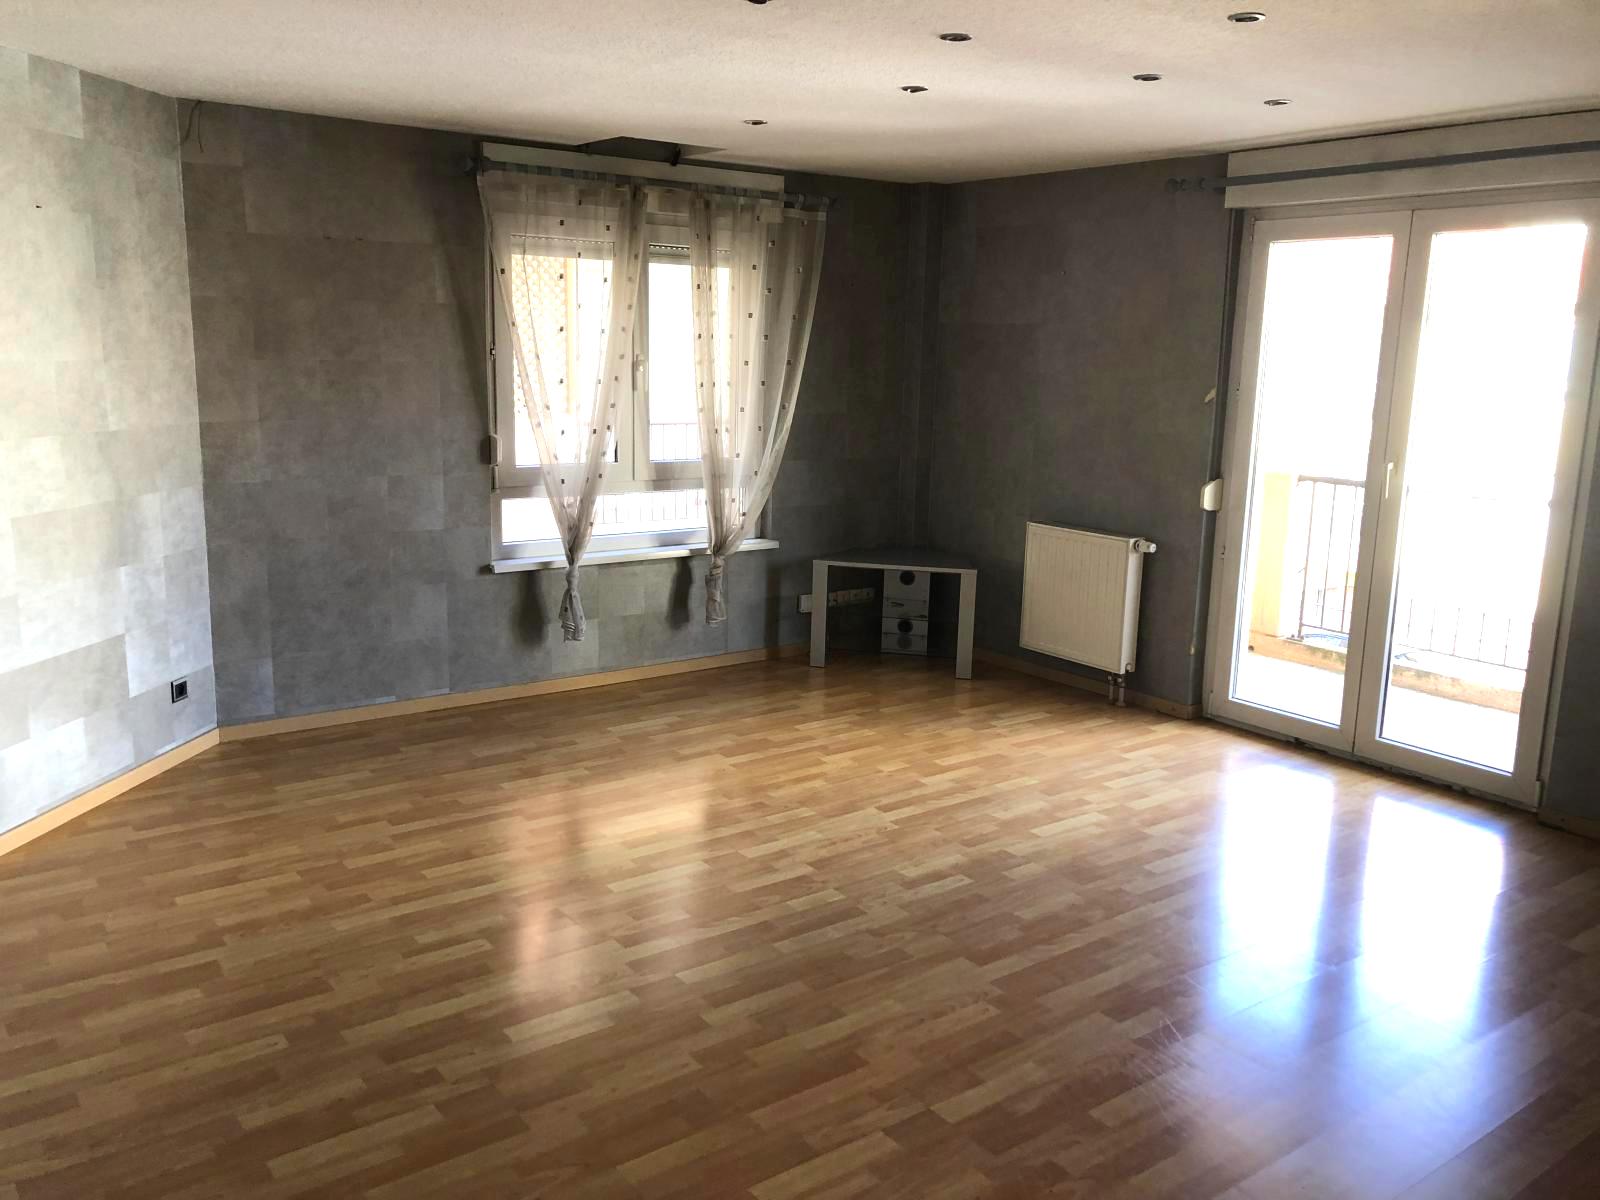 Vente Appartement Bel appartement de type 2 pièces de 57,54 m2 Carrez au centre de HAGUENAU  à Haguenau